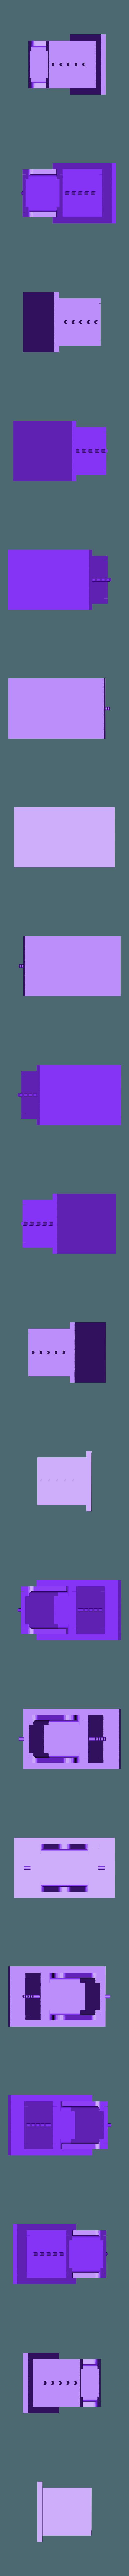 Lid_Assy.stl Télécharger fichier STL gratuit Boîte de casse-tête combinée • Modèle à imprimer en 3D, mtairymd